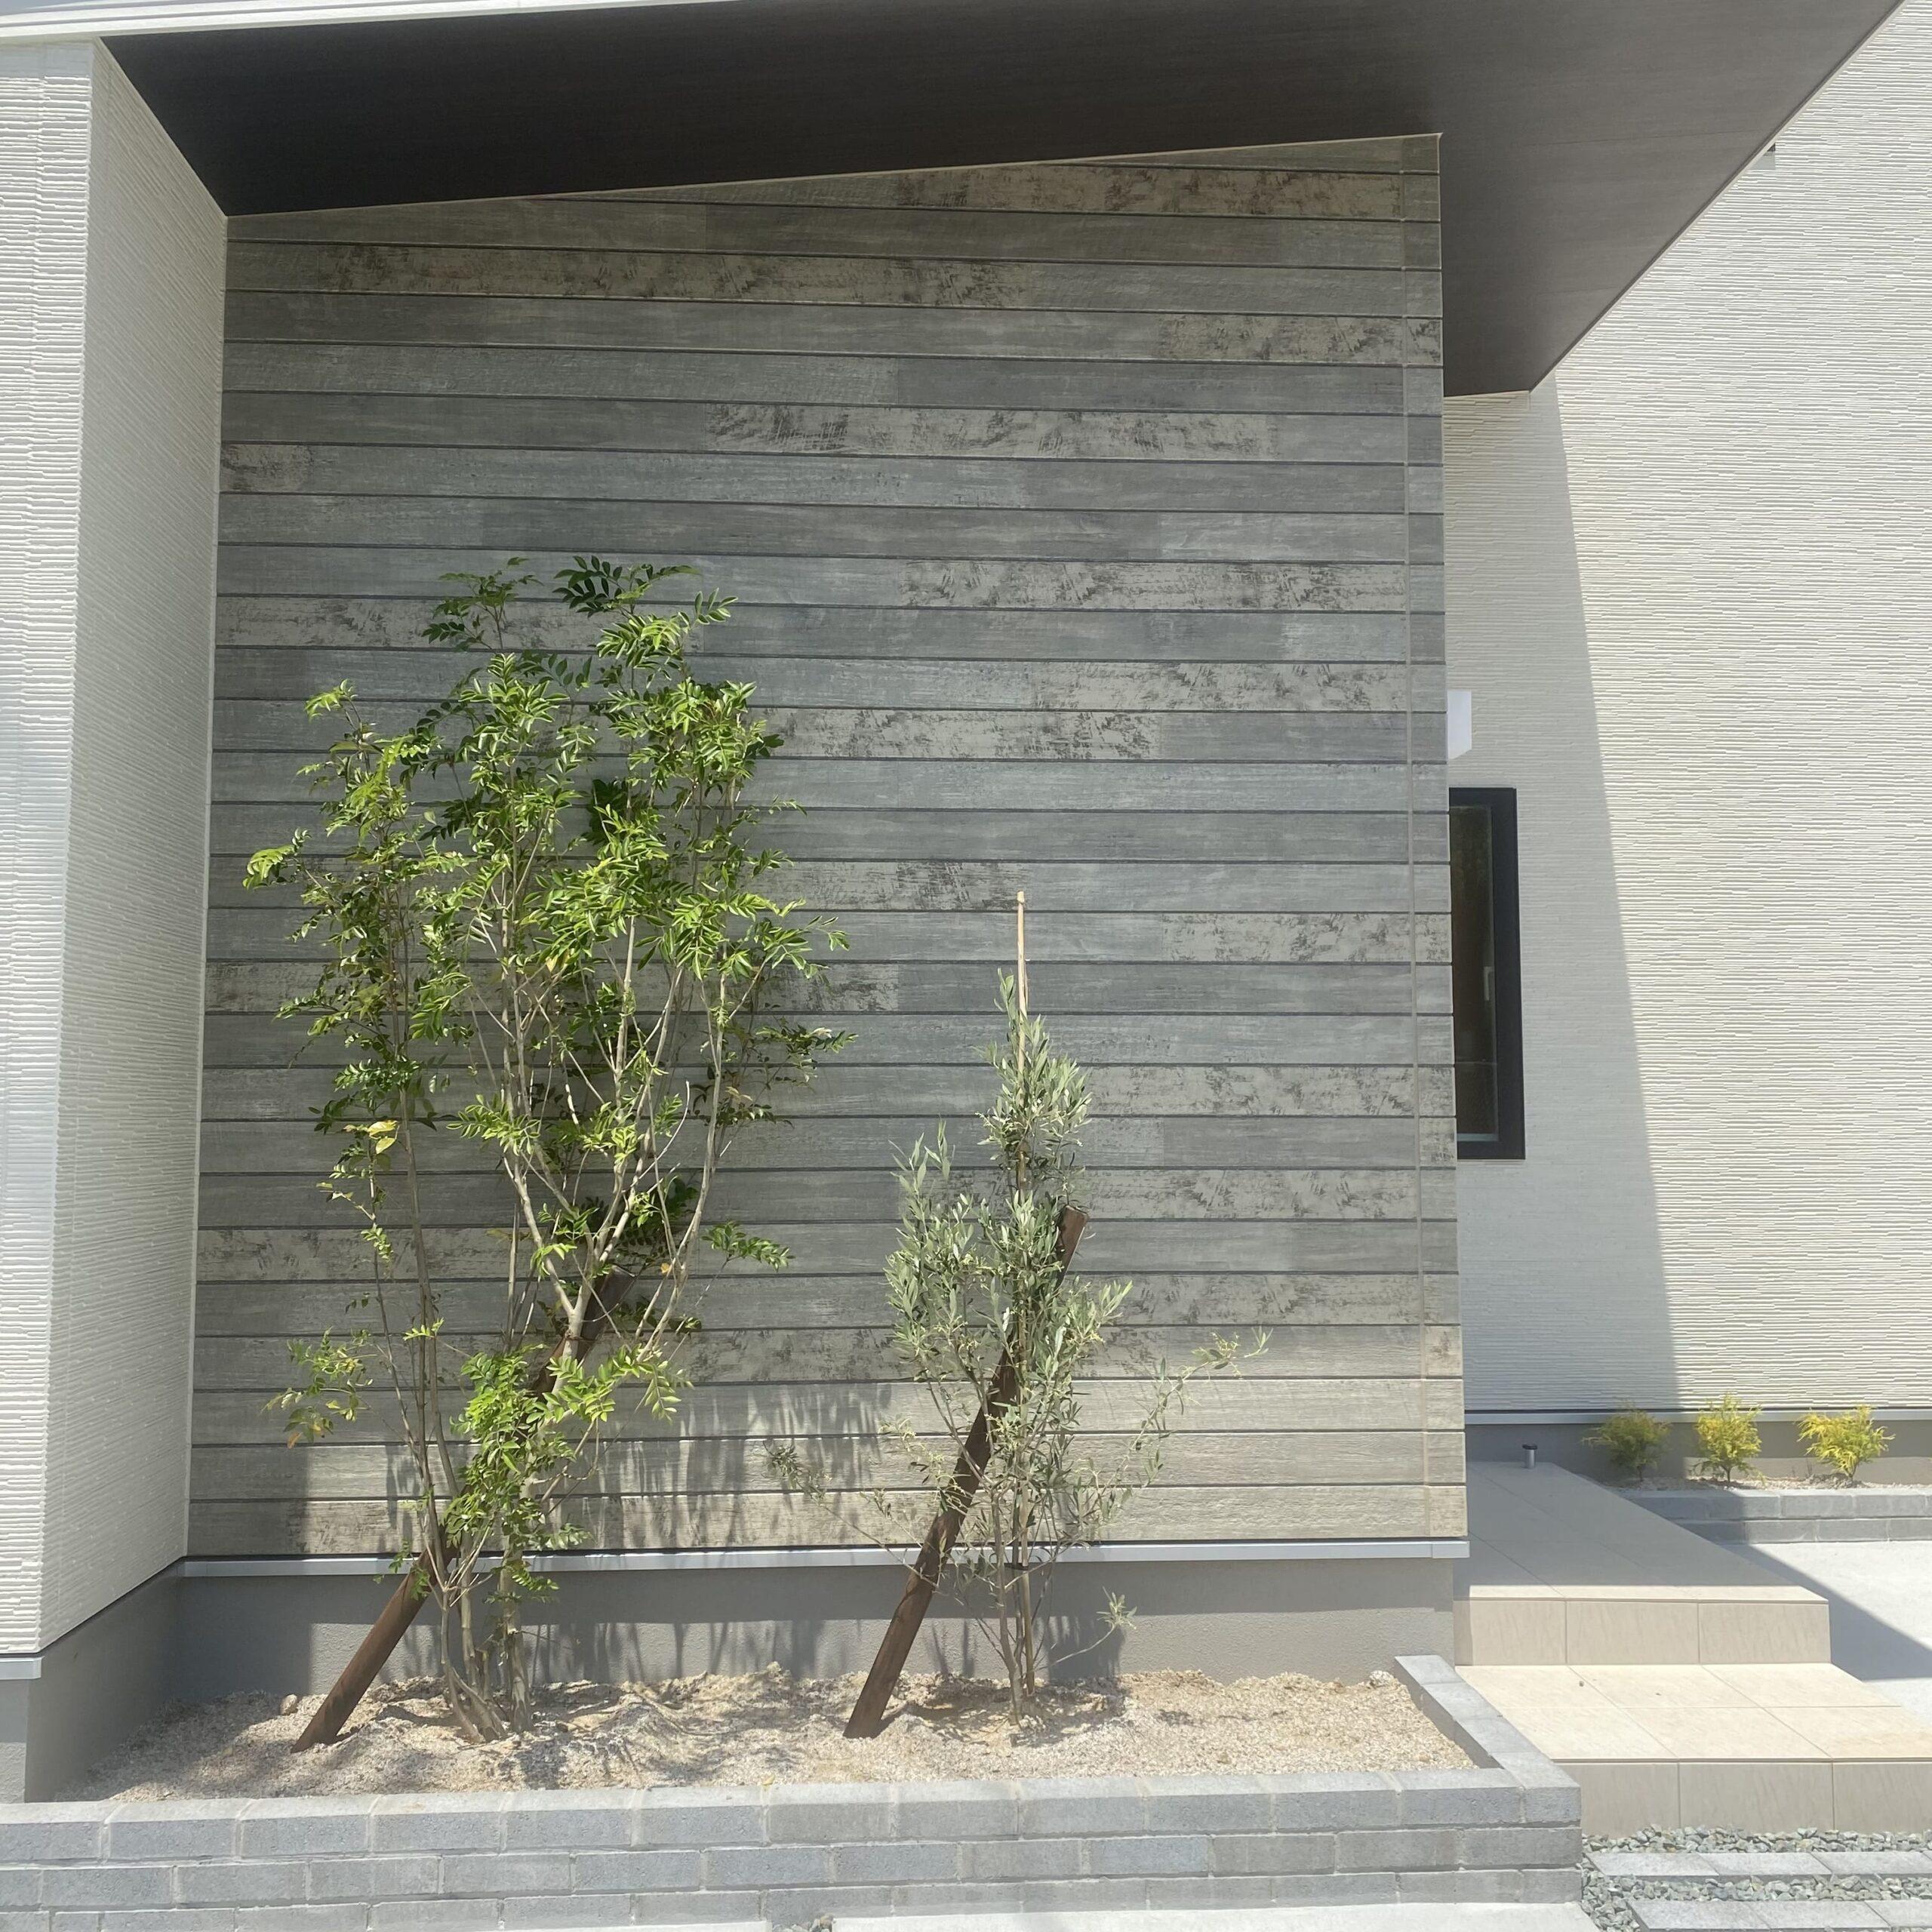 久留米市 新築建売住宅「OURS久留米国分」外観植栽